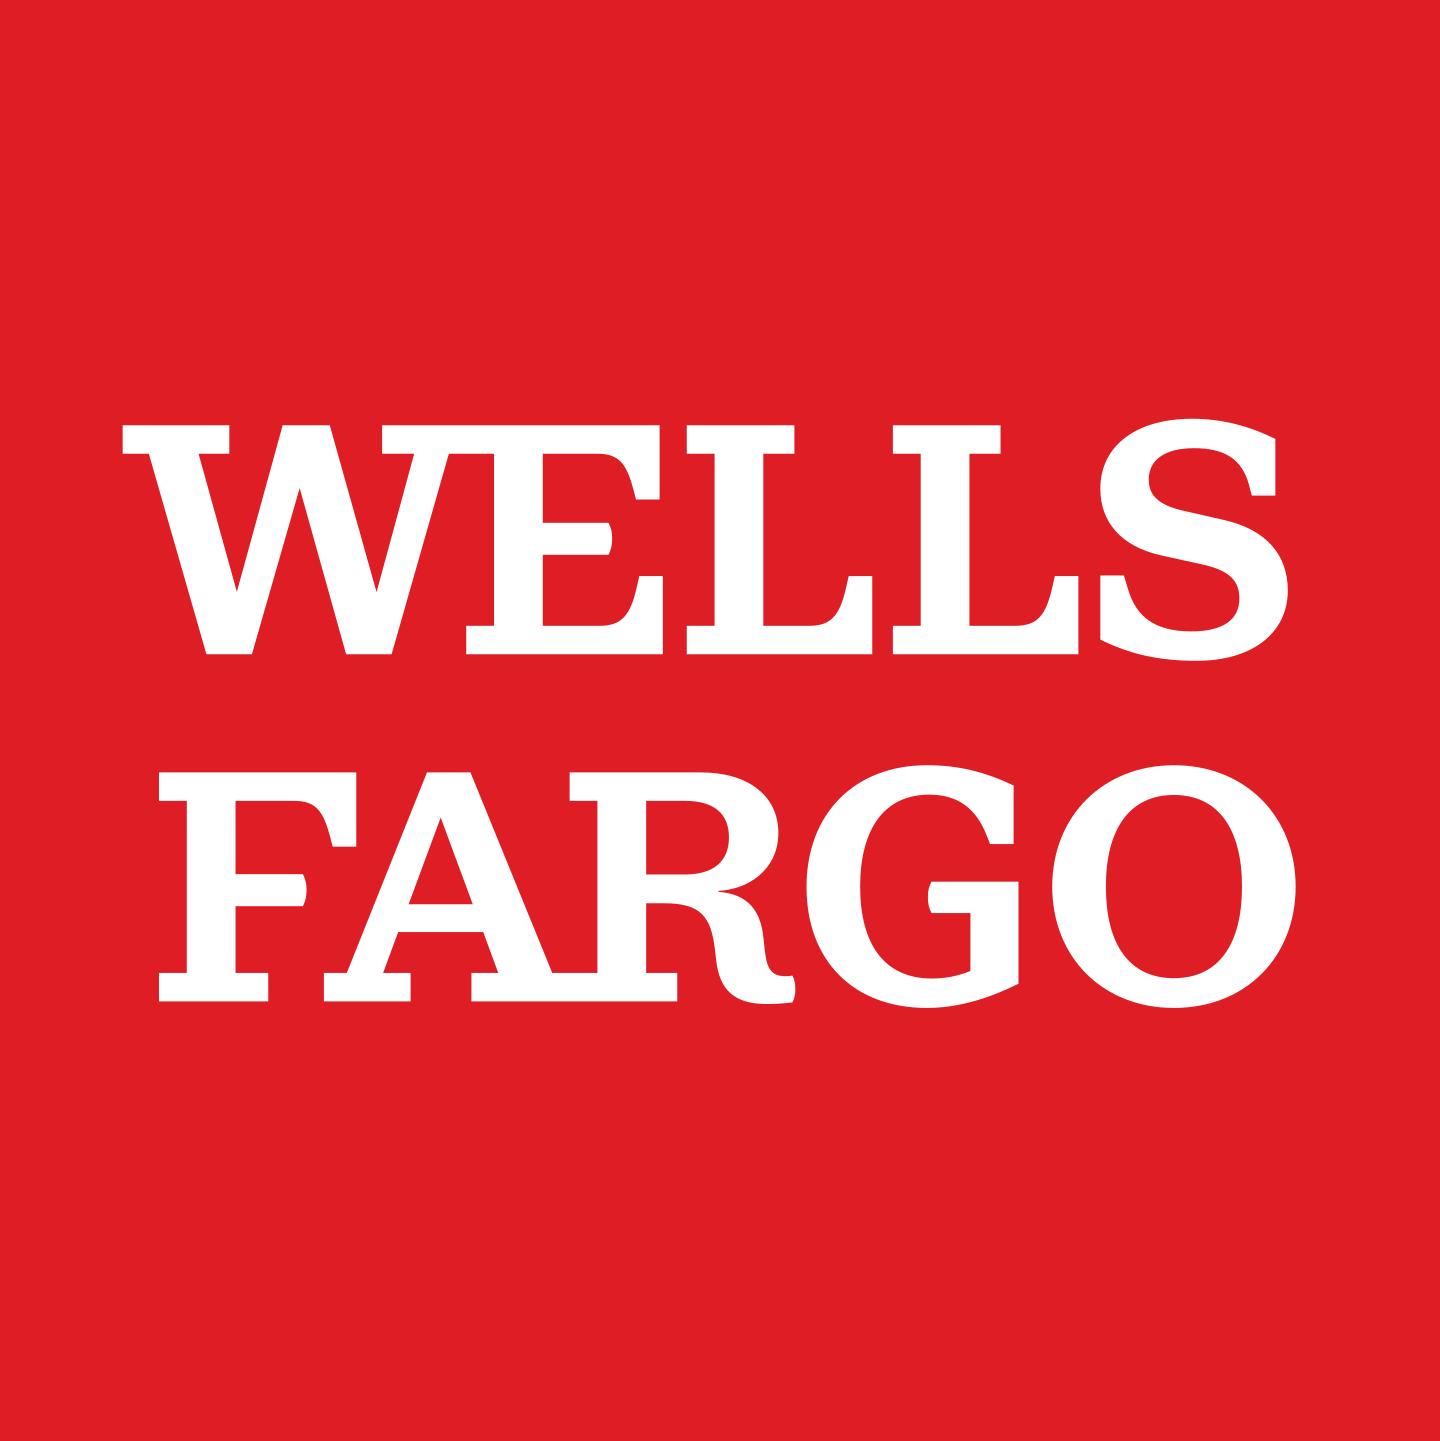 wells fargo logo 2 - Wells Fargo Logo